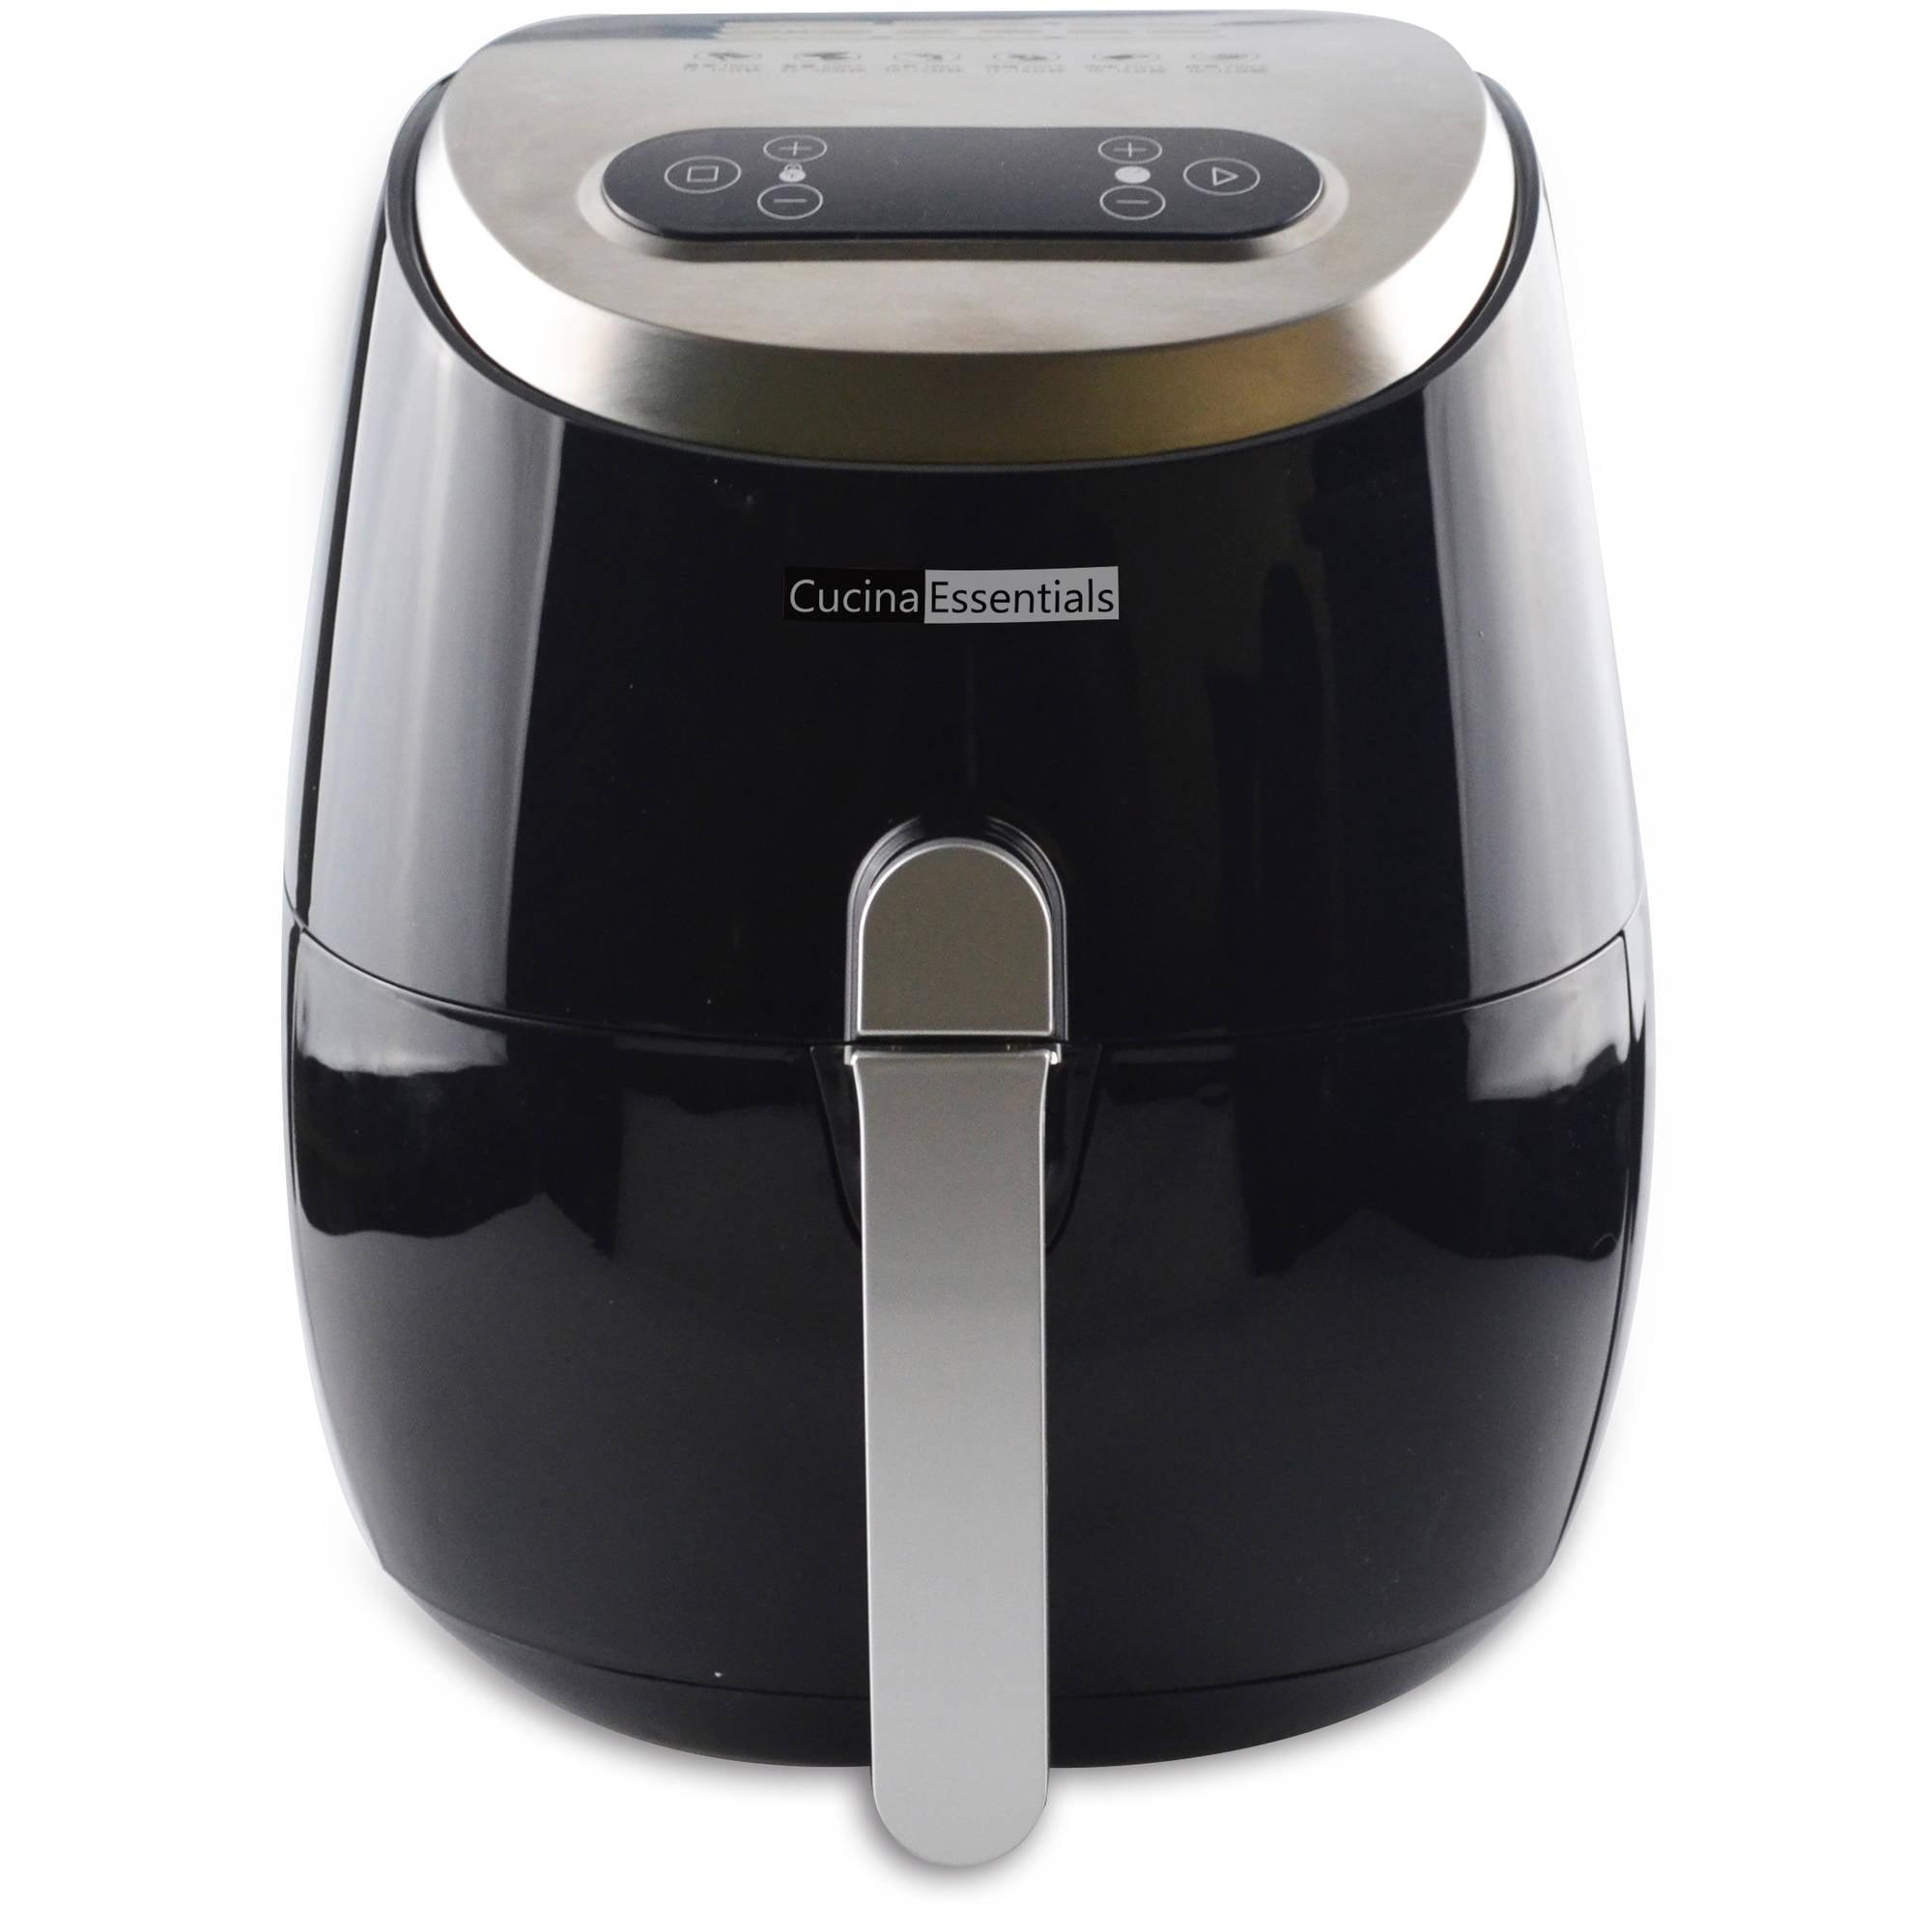 Cucina Essentials Digital 3 Liter Air Fryer Walmart Com